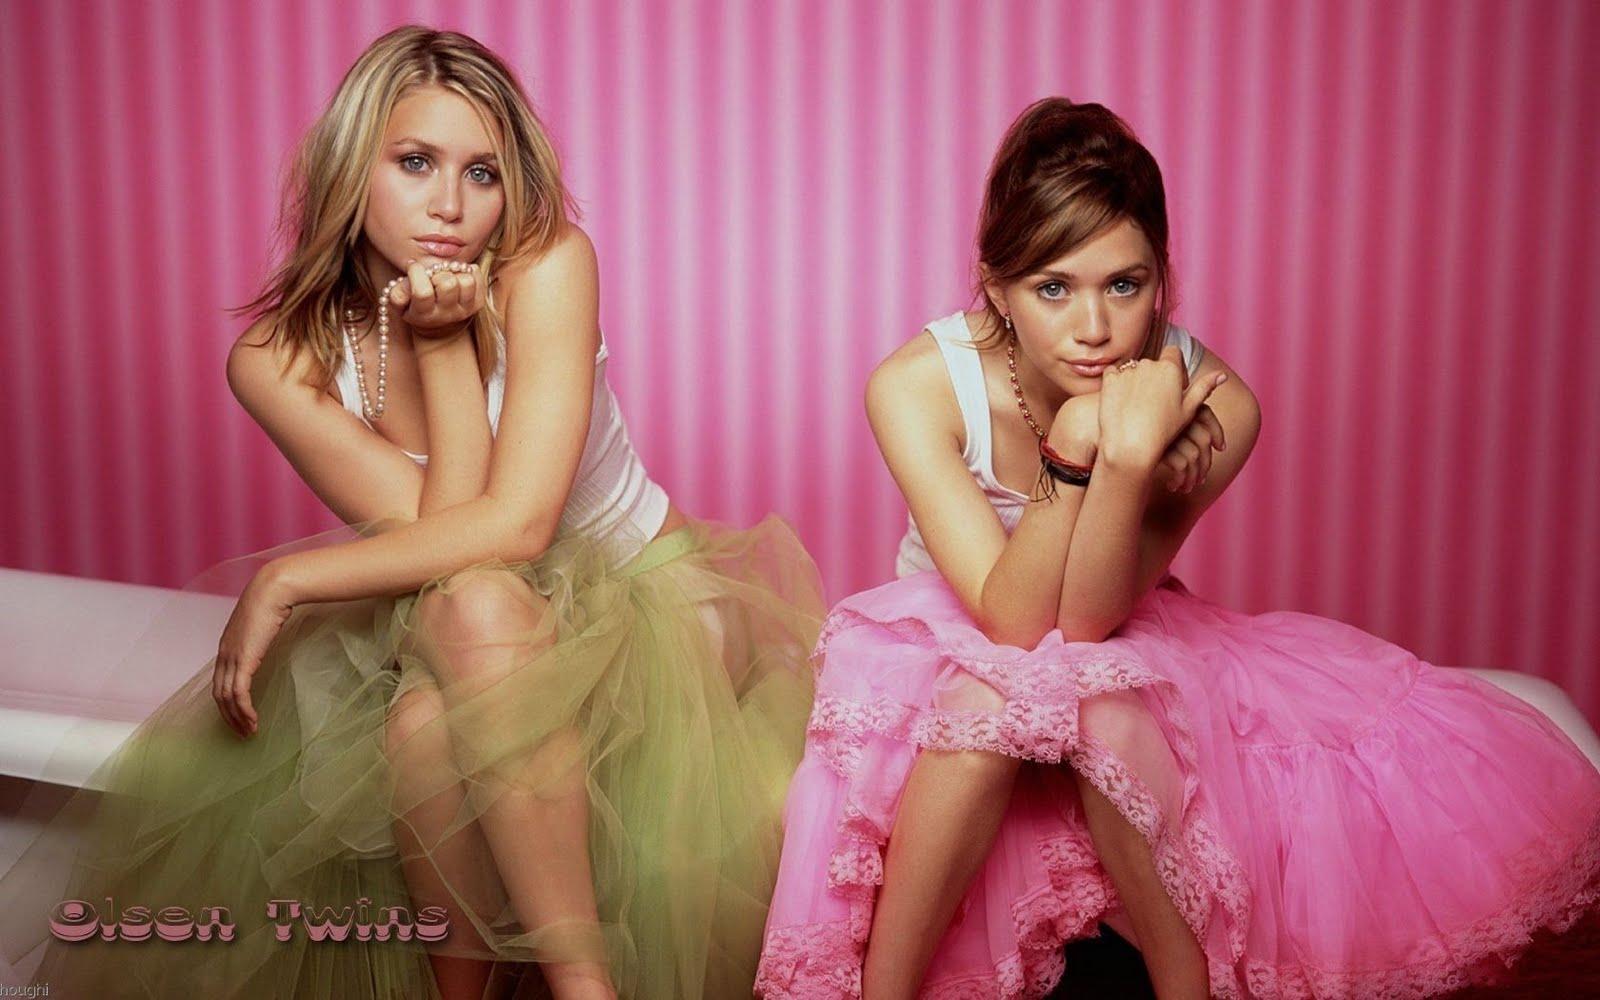 http://3.bp.blogspot.com/_7024QKdLrXE/TGSTDW-n-JI/AAAAAAAAOuI/YnVNmaaEg5s/s1600/olsen_twins_.jpg